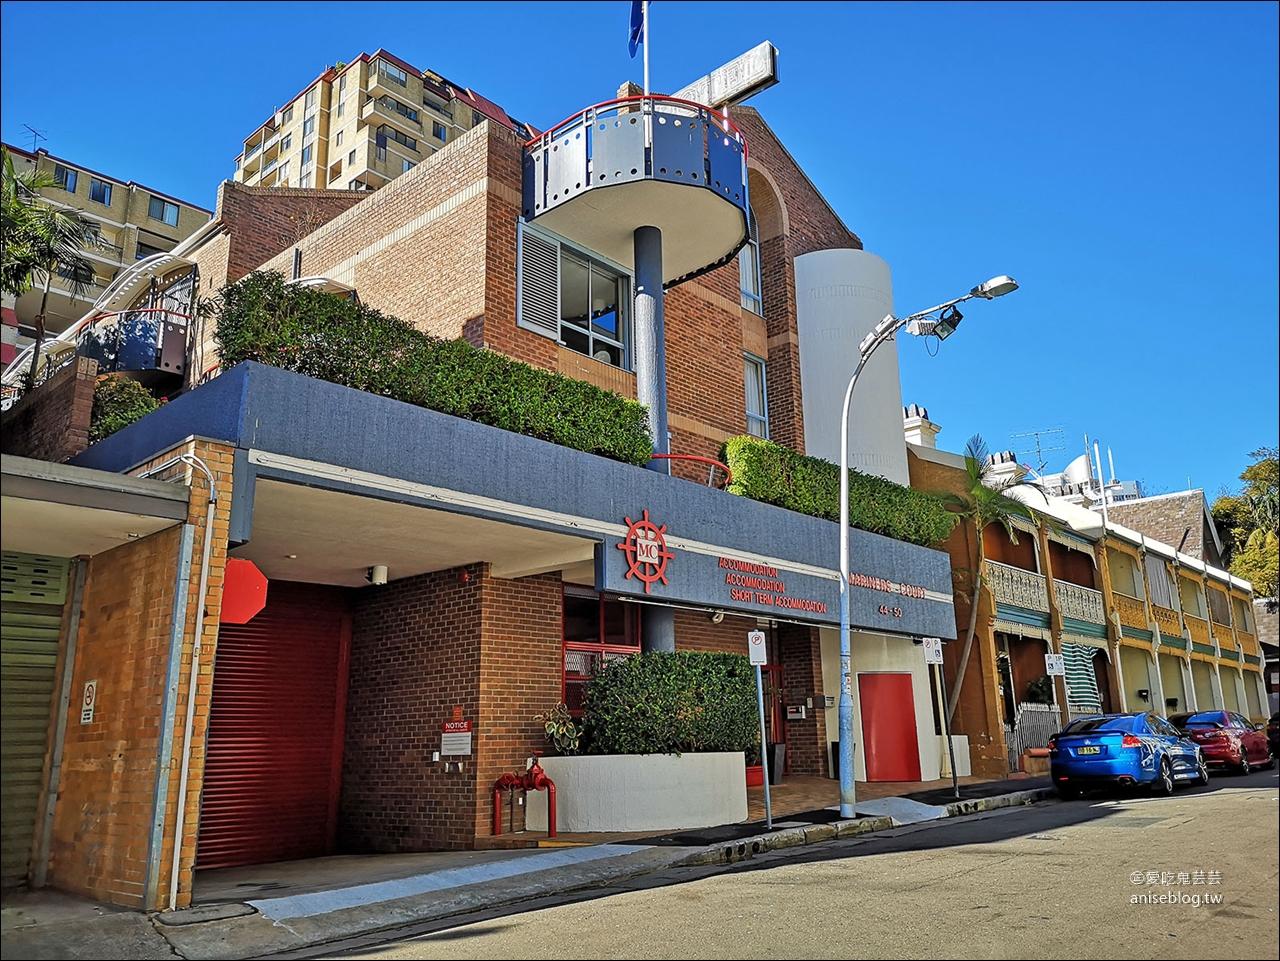 雪梨住宿推薦 | Mariners Court Hotel(航海閣), wooloomooloo海邊的可愛小飯店 @愛吃鬼芸芸